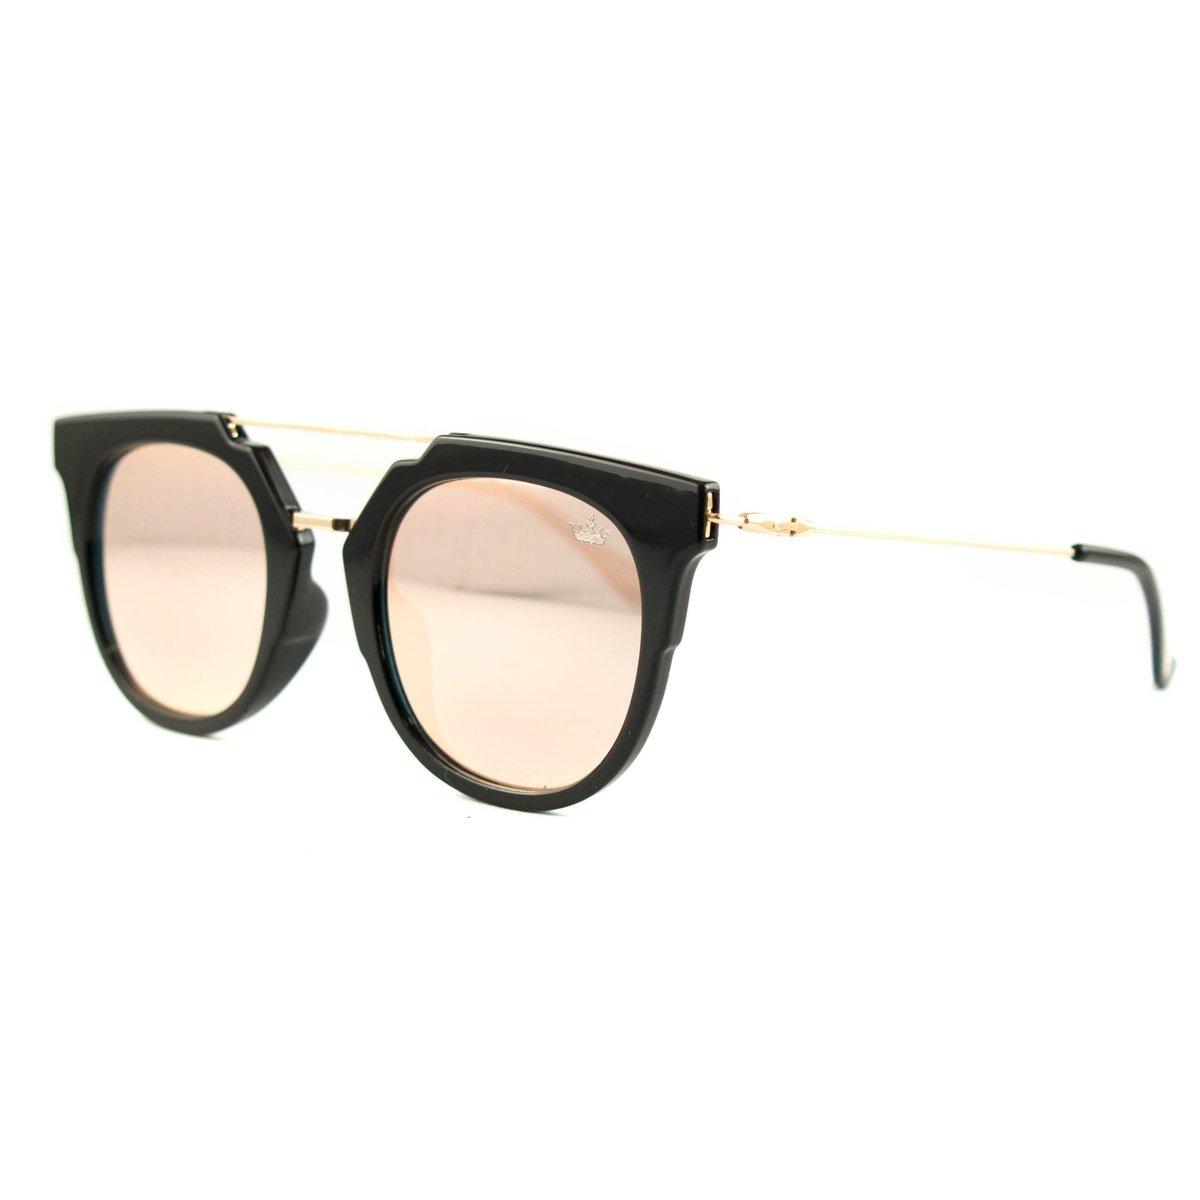 Óculos de Sol Carmim Espelhado - Compre Agora   Zattini d012eb63f5